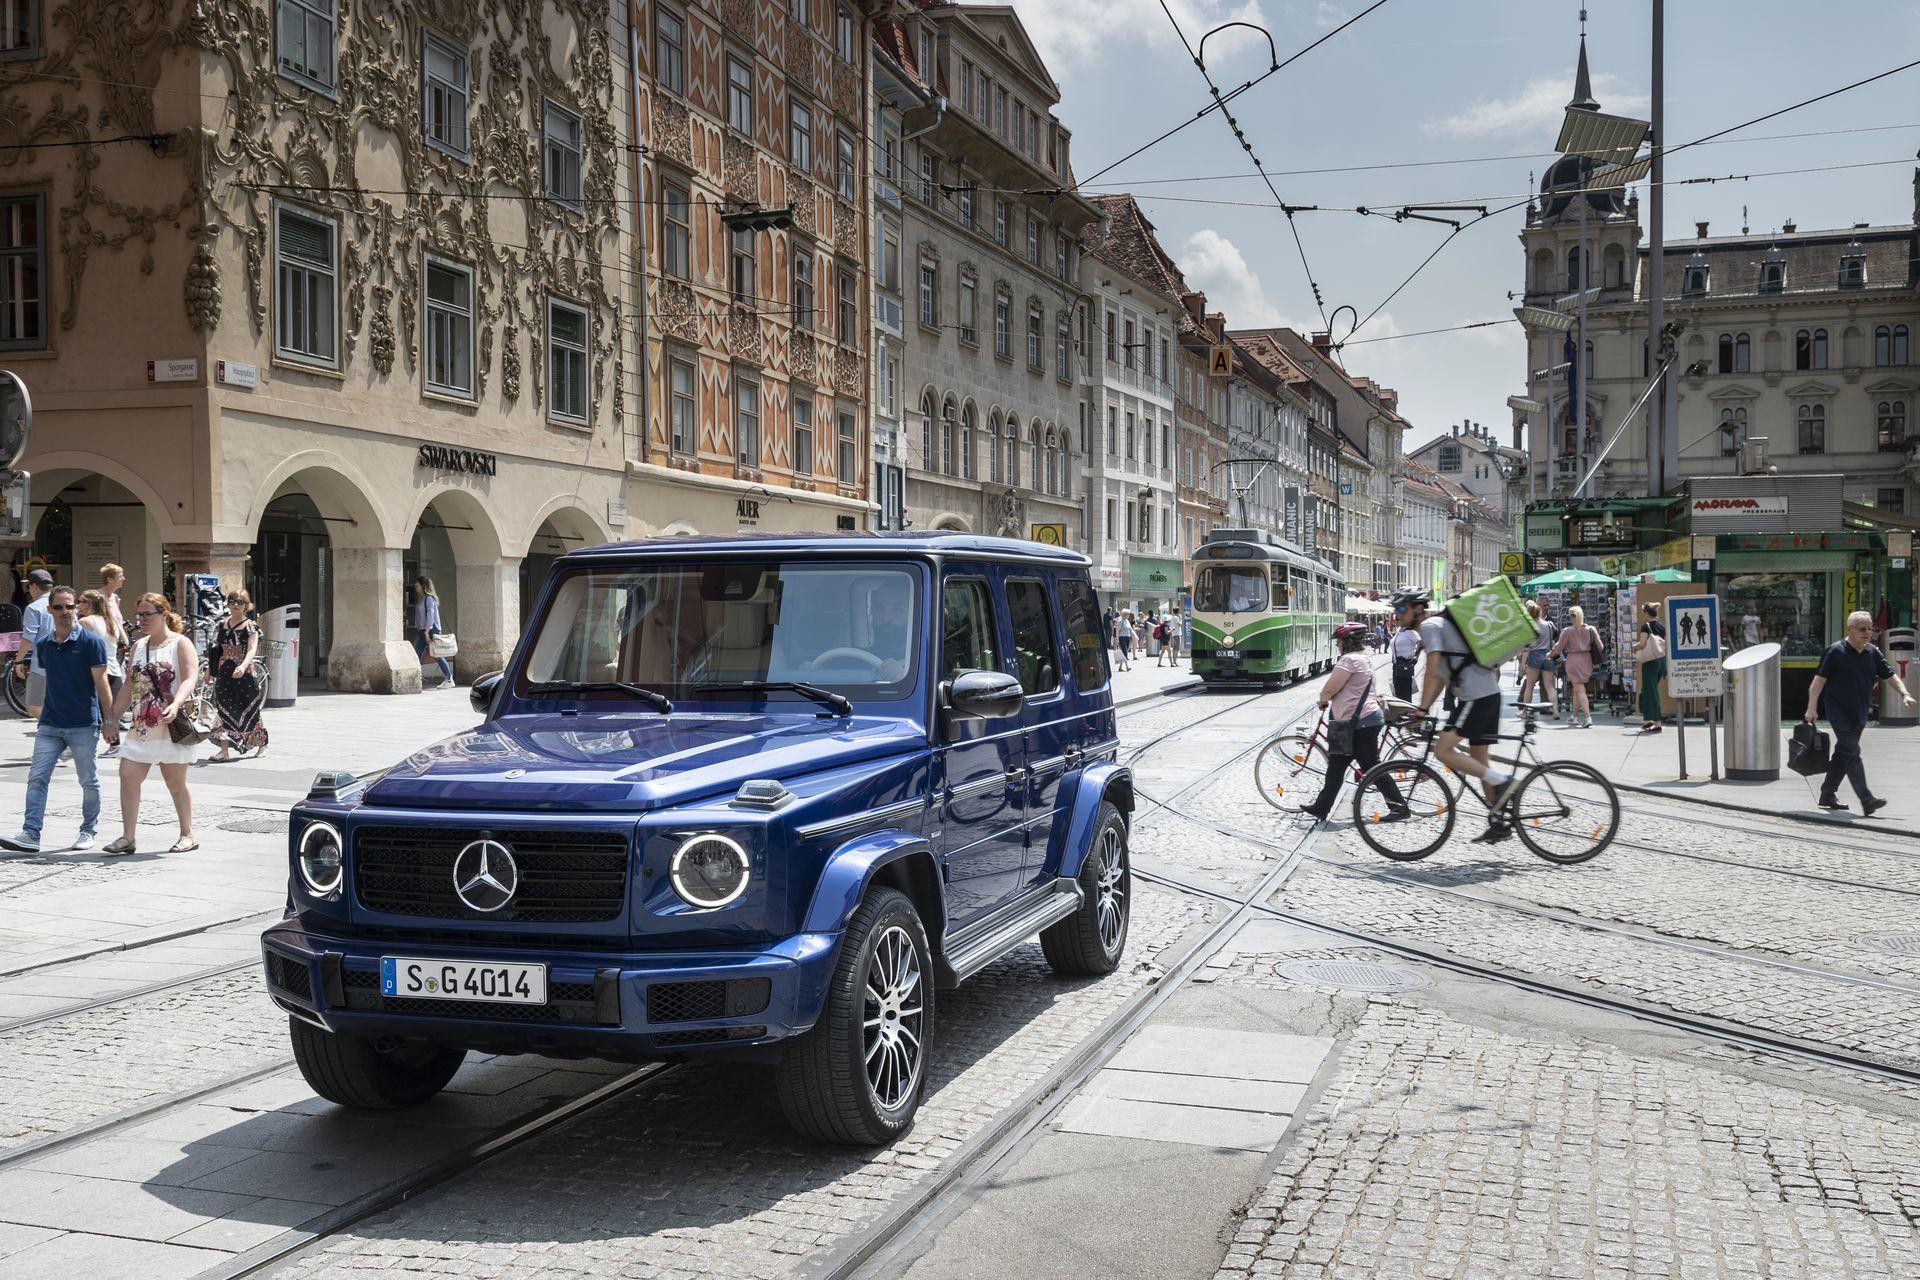 Mercedes Benz 40 Years Of The G Class, Graz 2019 Mercedes Benz 40 Years Of The G Class, Graz 2019